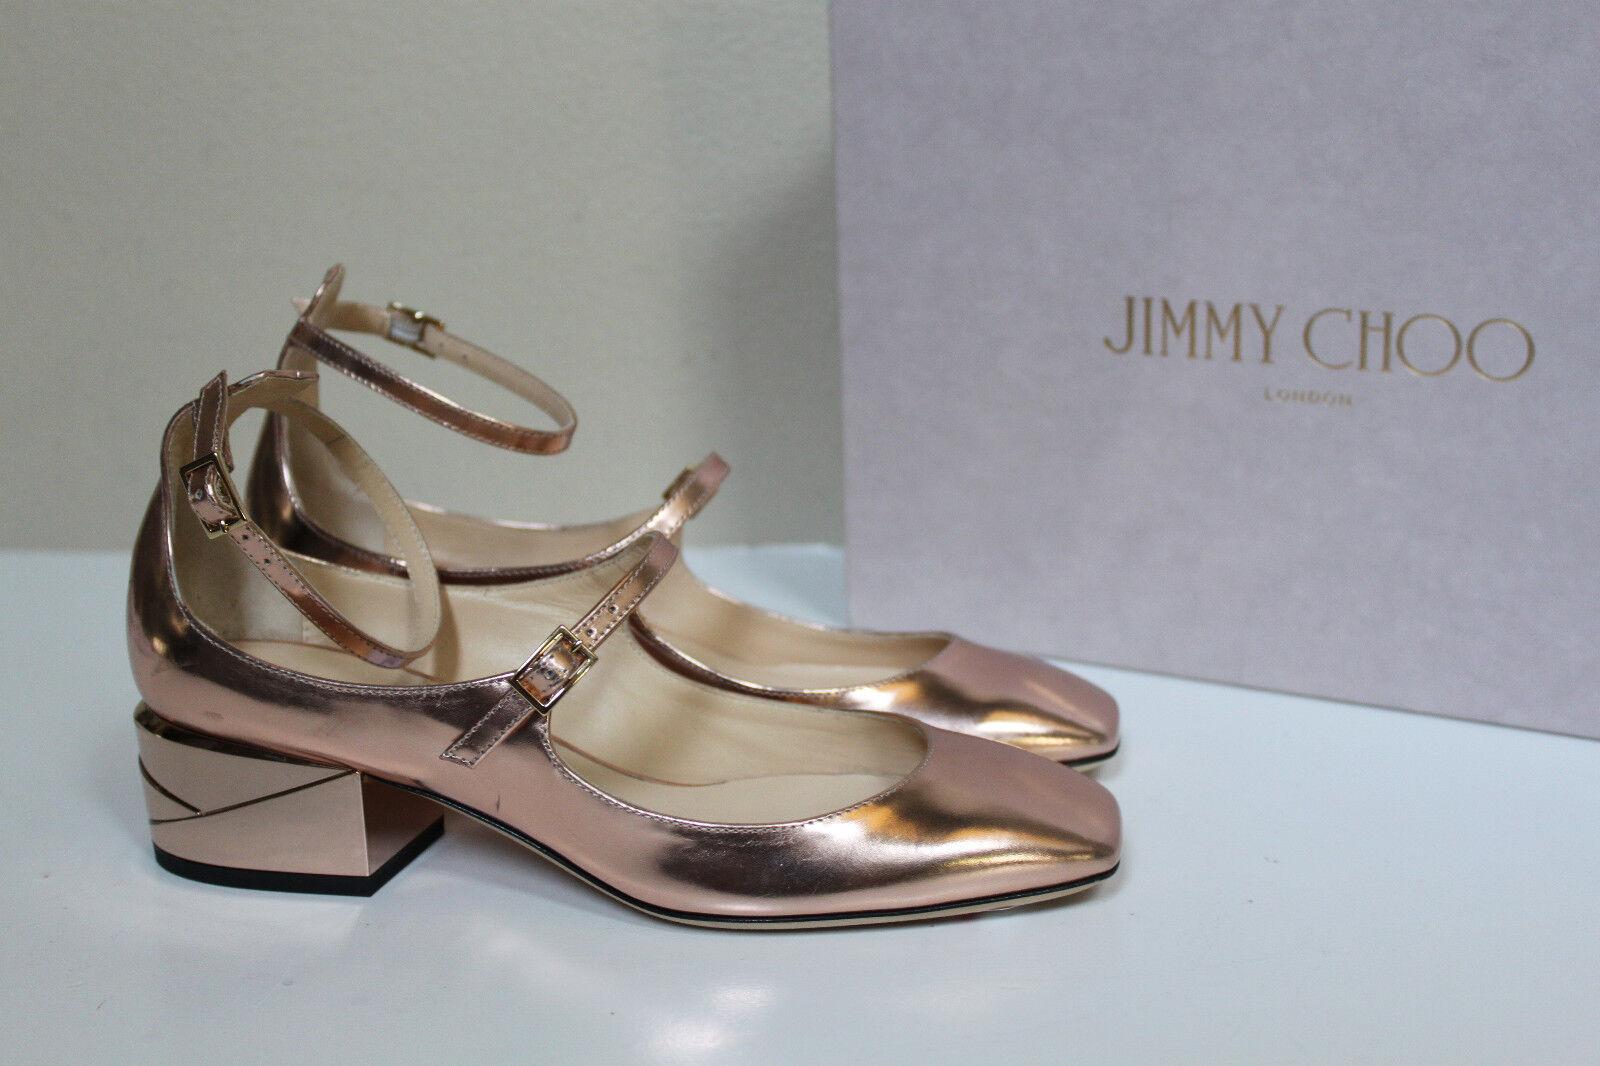 Nuevas Talla 7.5 37.5 Jimmy Choo Choo Choo Wilbur Espejo de oro rosado de Cuero Tacón Bajo Bomba Zapatos  venta de ofertas